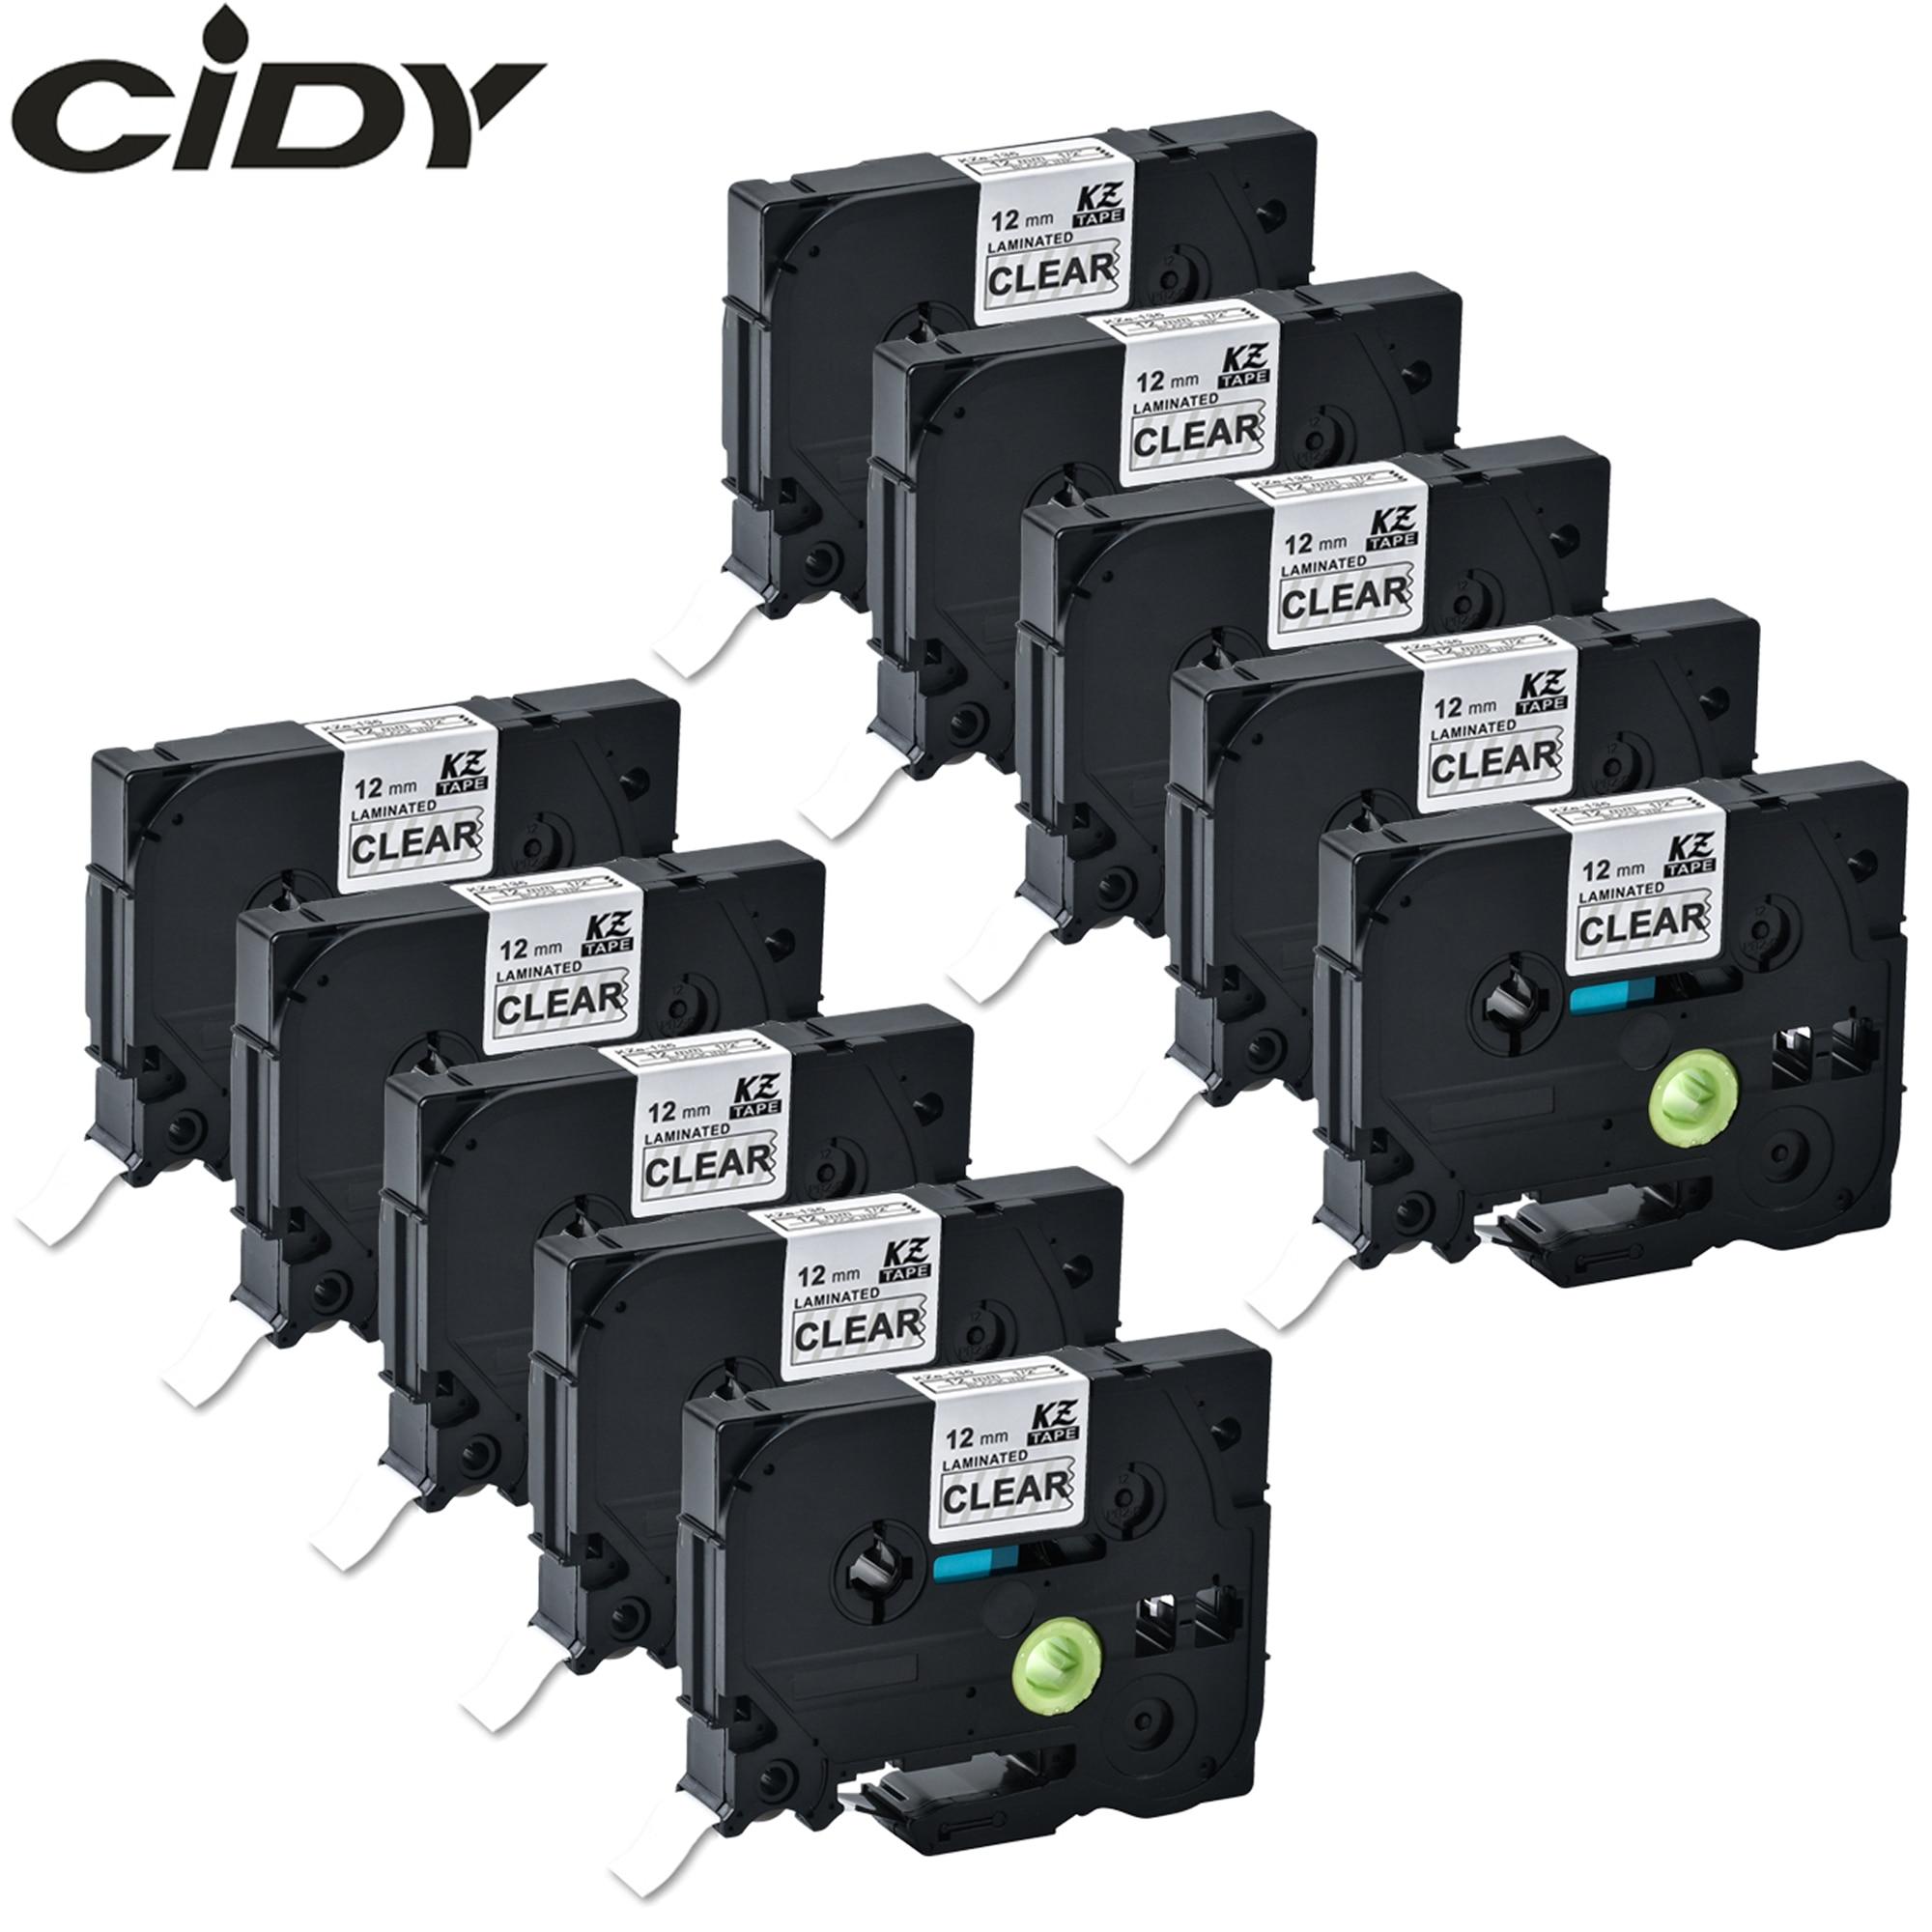 CIDY 10 stücke 12mm weiß auf klar tze label bänder Kompatibel TZe135 TZe 135 tz135 tz 125 laminiert band für p-touch